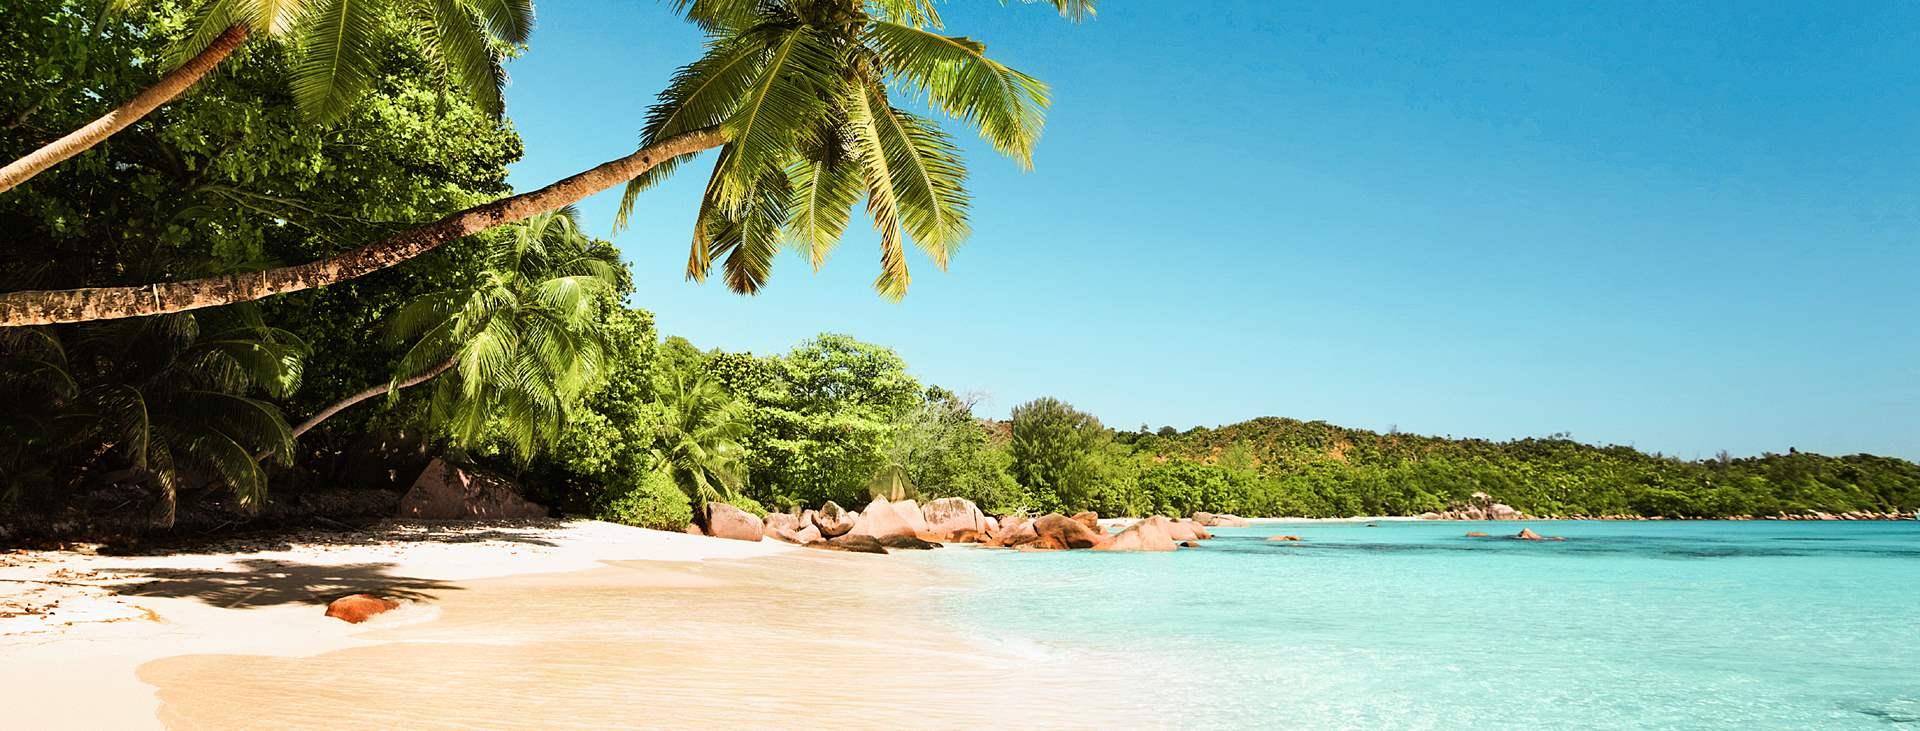 Bestill en reise med Ving til Praslin på Seychellene